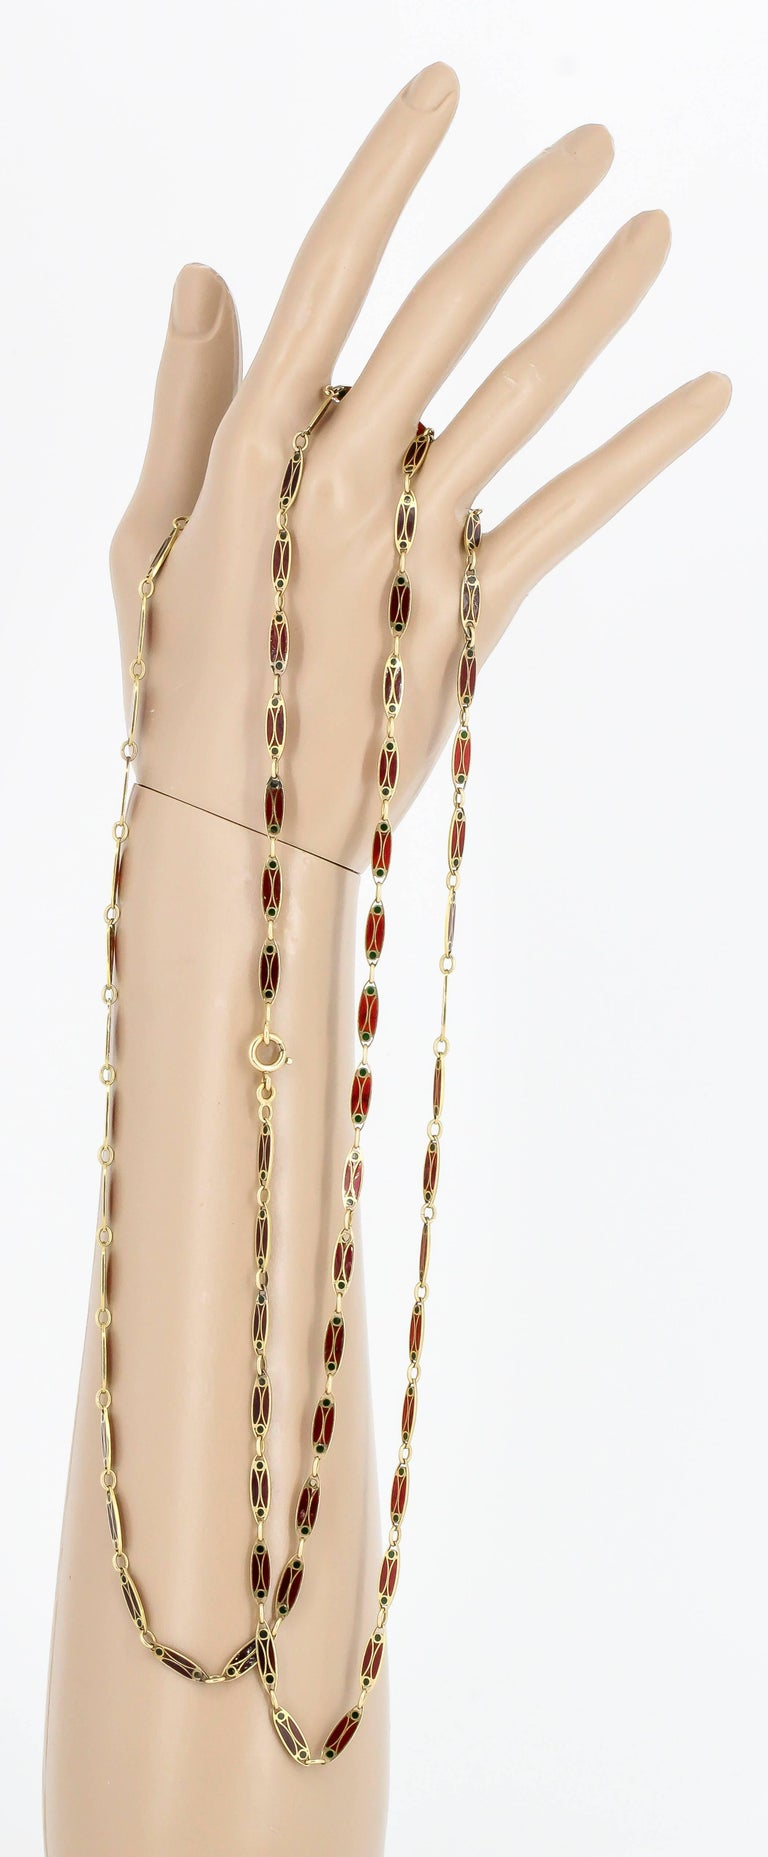 Victorian Plique-à-Jour Enamel and Gold Long Link Chain Necklace For Sale 5